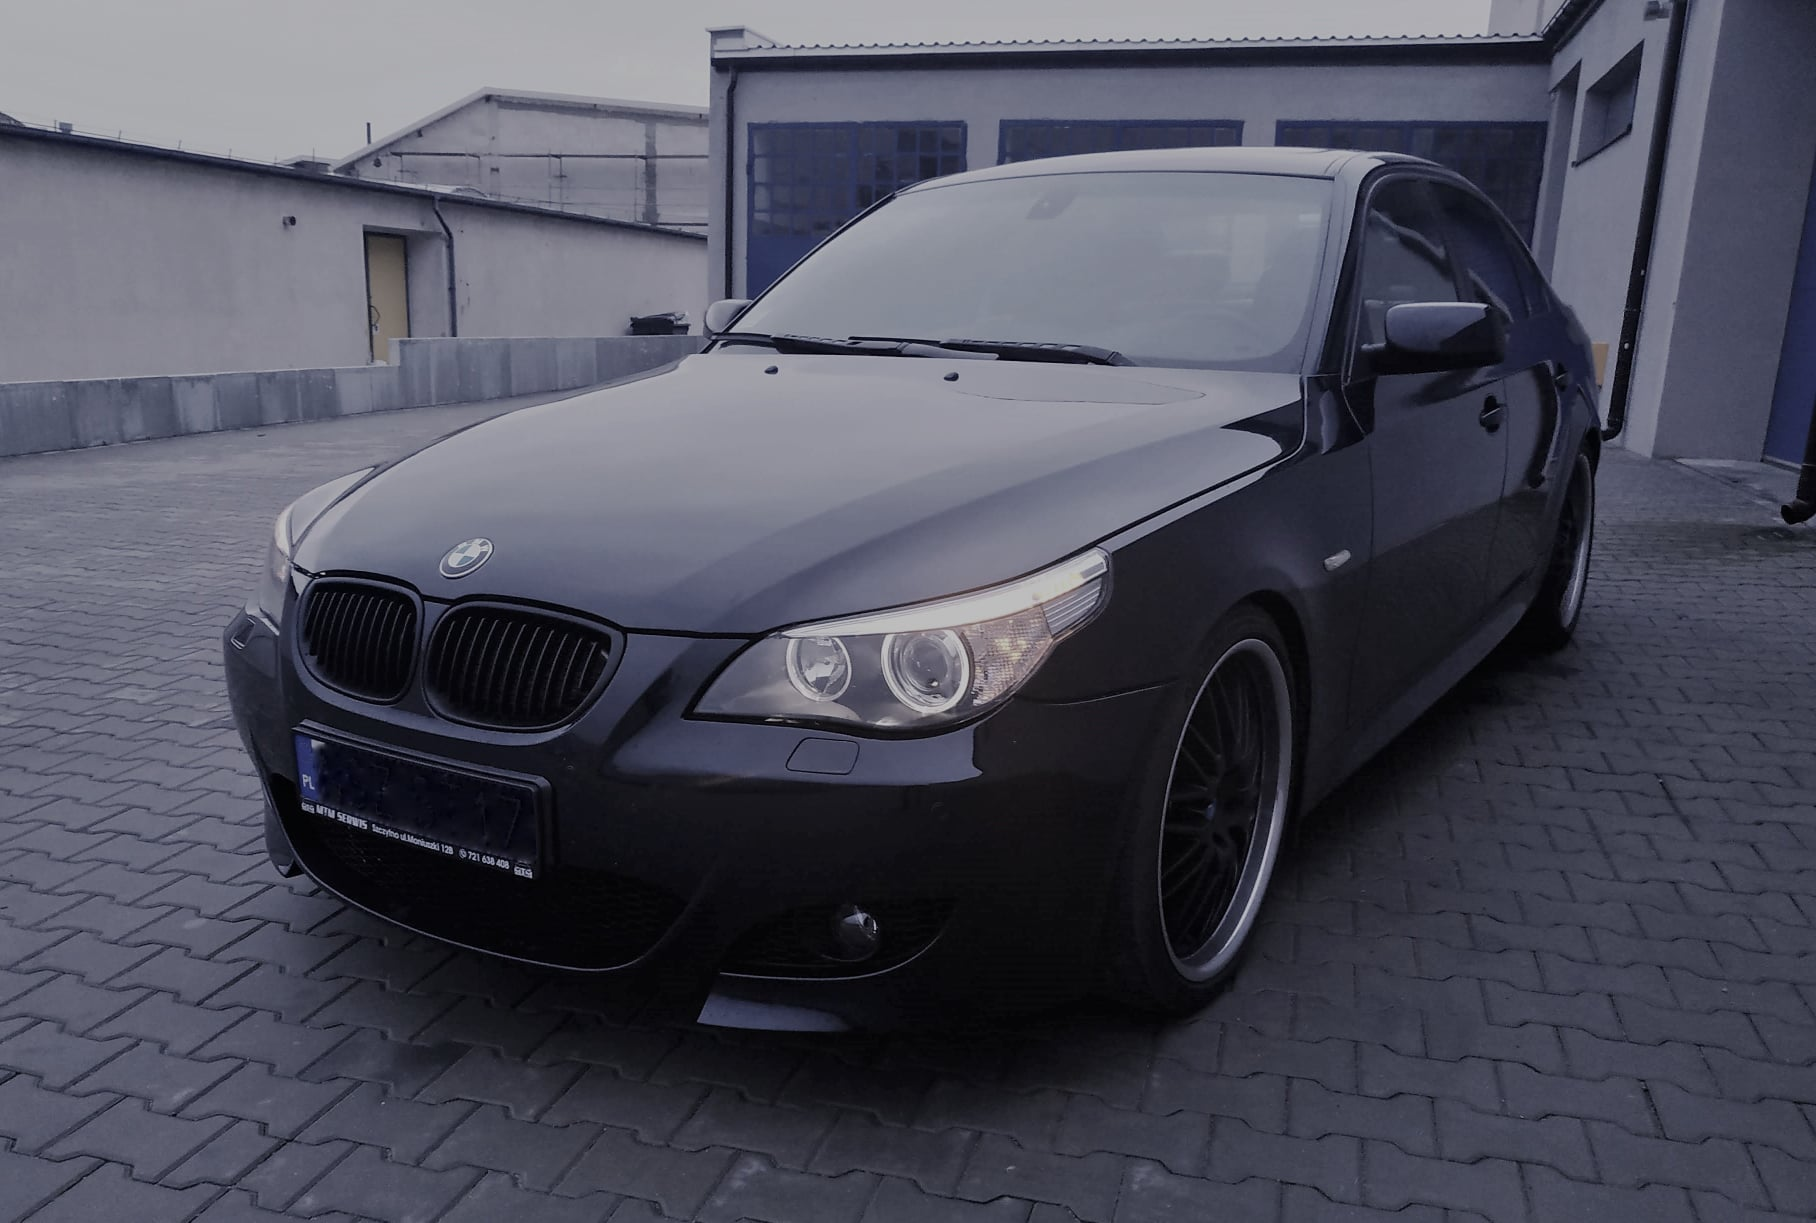 BMW E60 535D 272KM >> 372KM 720Nm